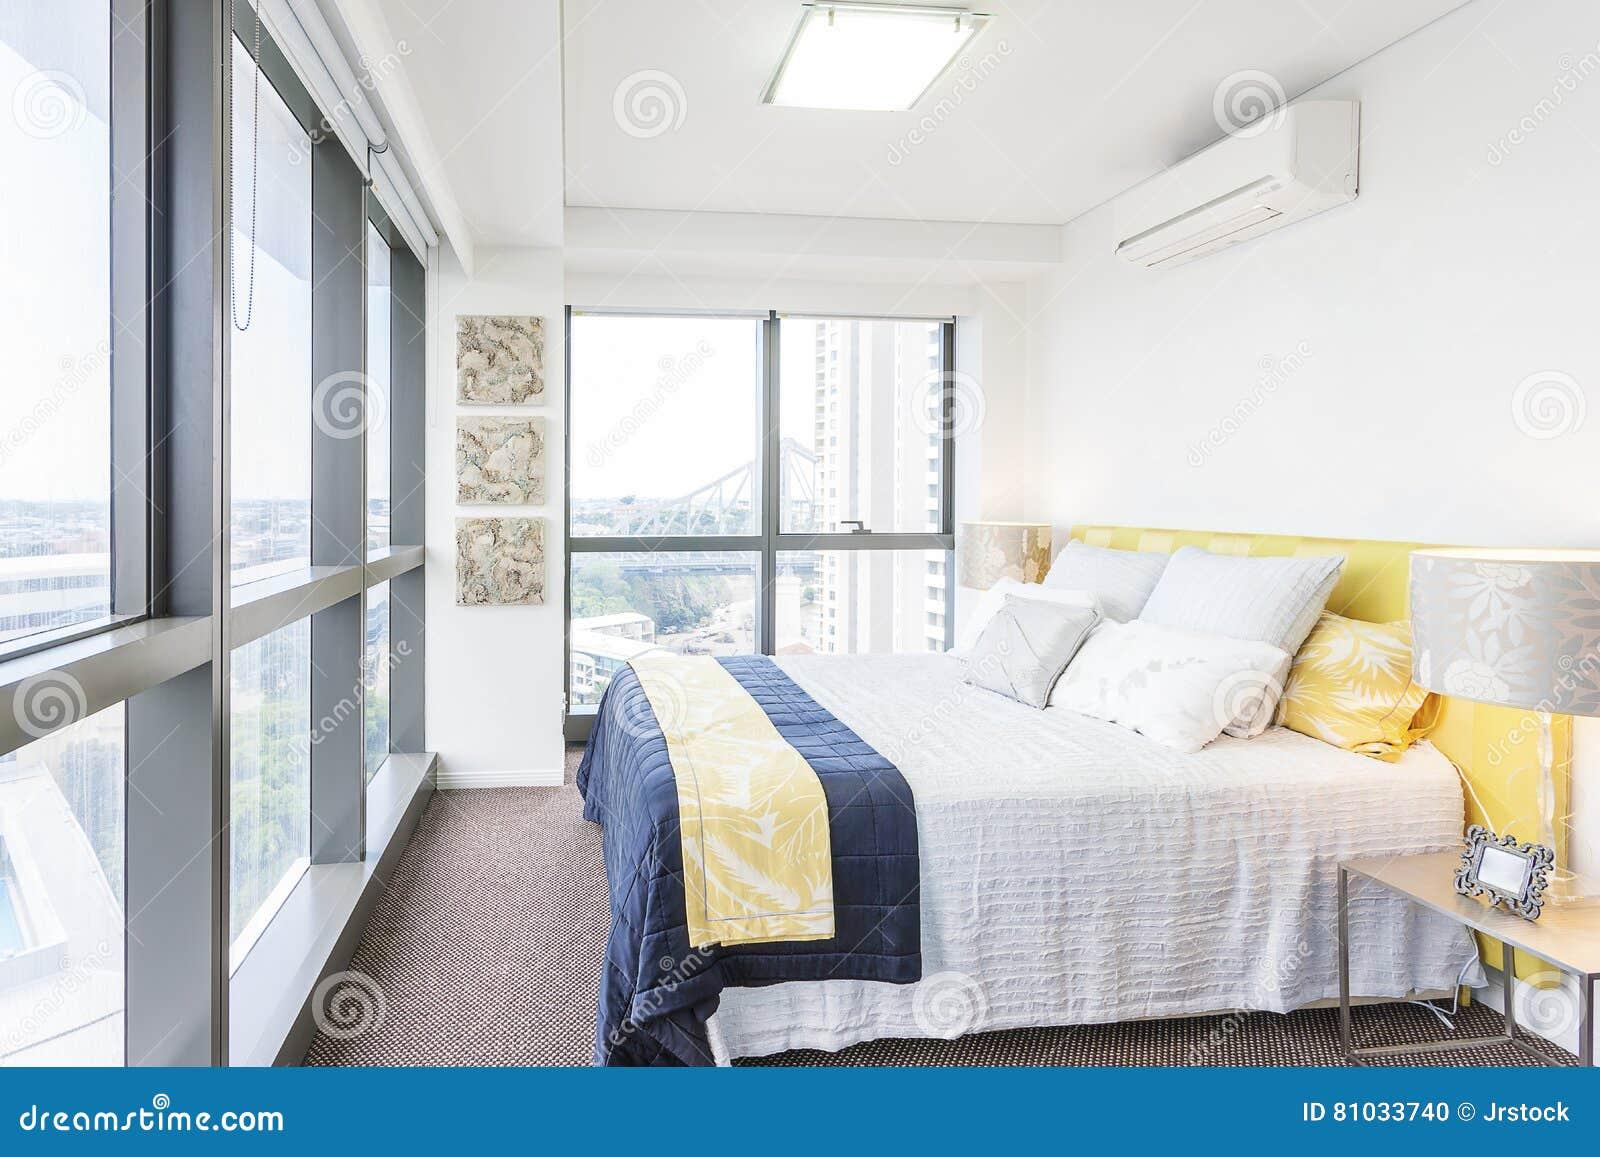 Stilvolles Schlafzimmer Mit Abstrakten Designen Und Sonnenlicht ...